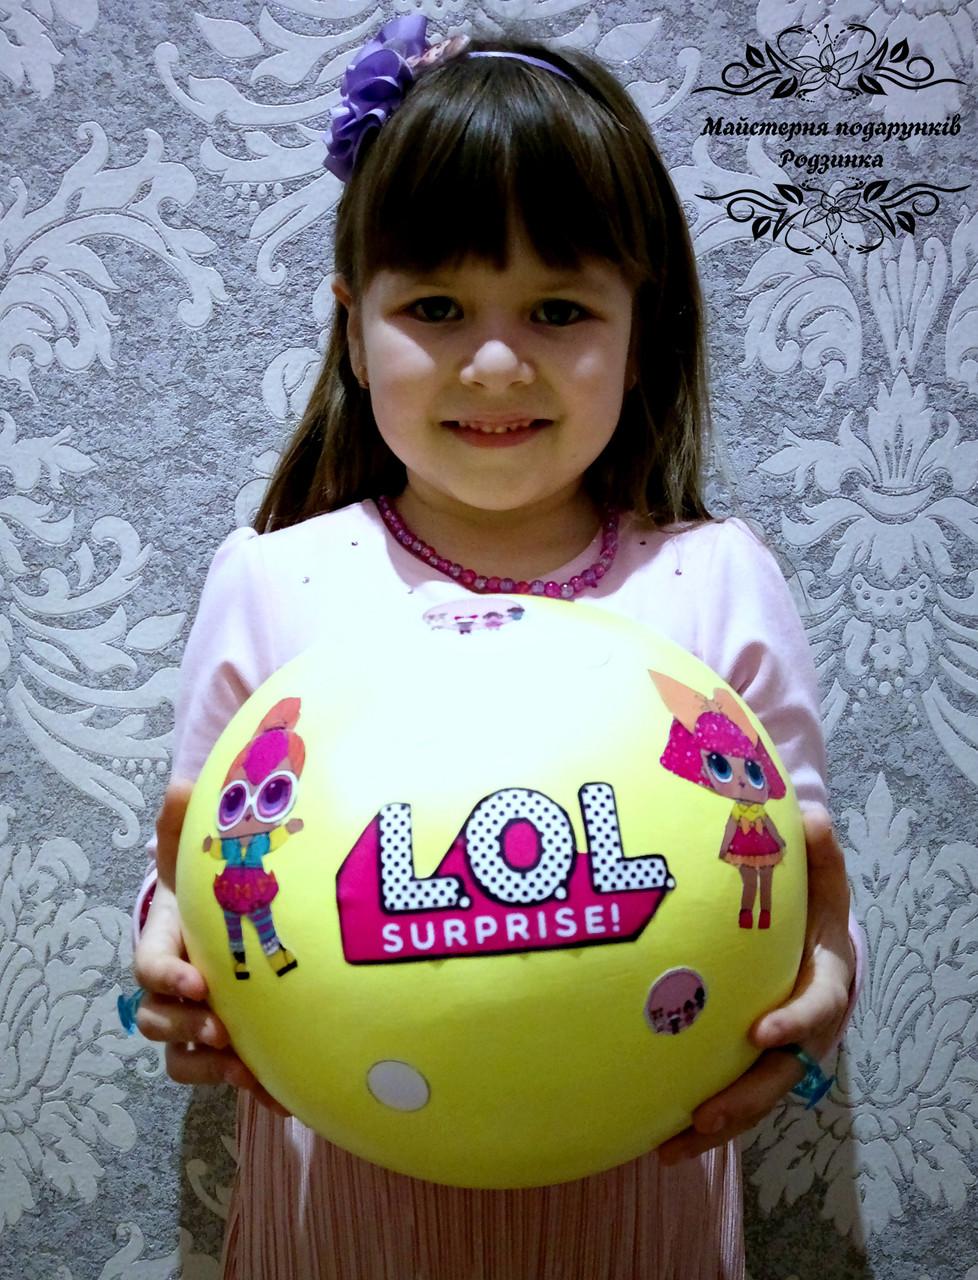 Подарункова коробка Великий LOL, ЛОЛ 25 см. / Большой шар сюрприз ЛОЛ. подарок девочке